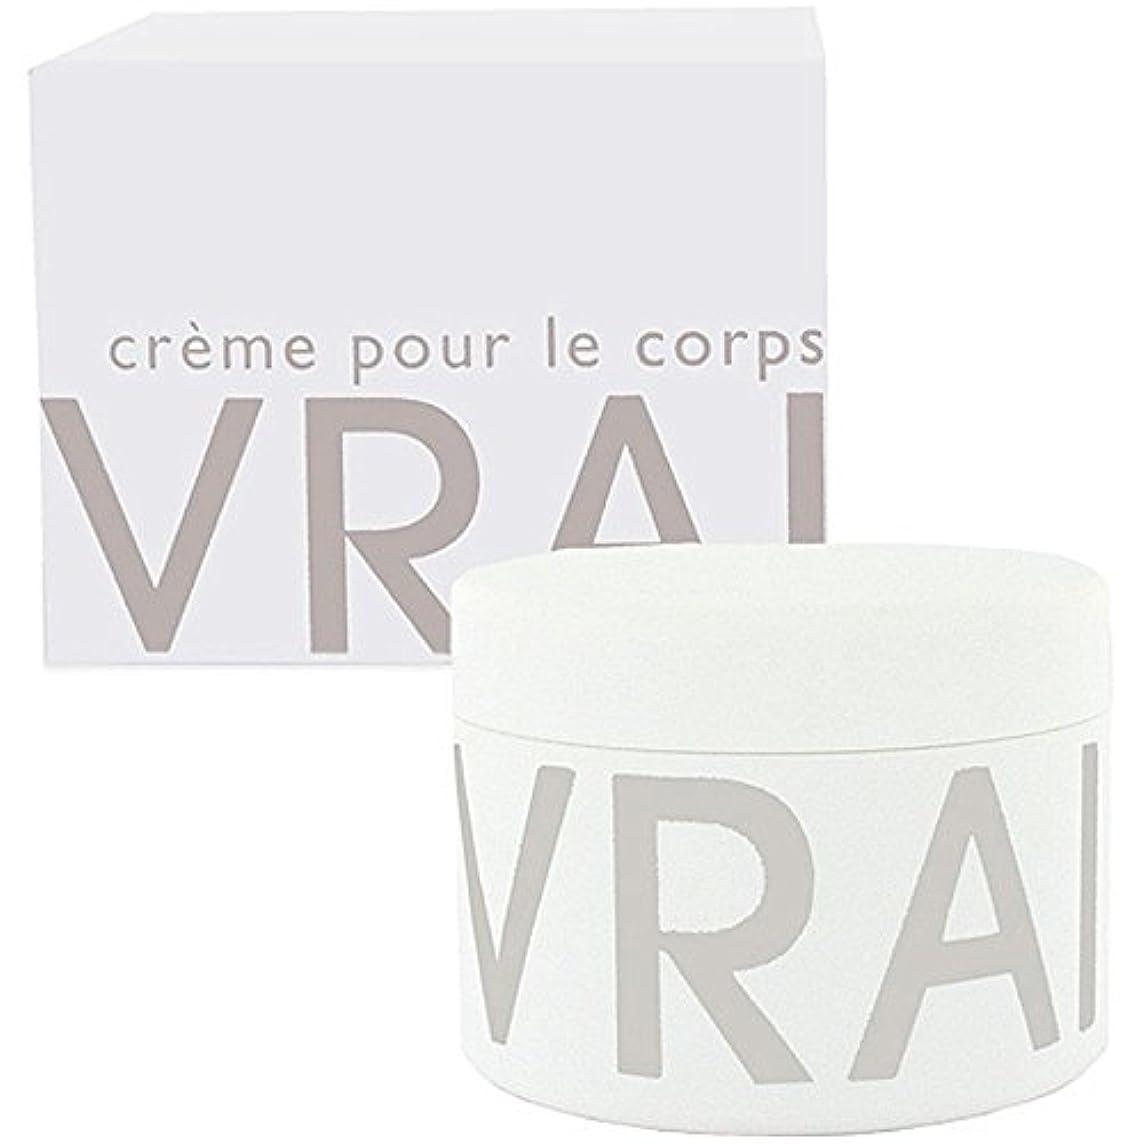 新しい意味現れる非難するFragonard BRAI (フラゴナール ブライ) 6.7 oz (200ml) Luxurious Body Cream